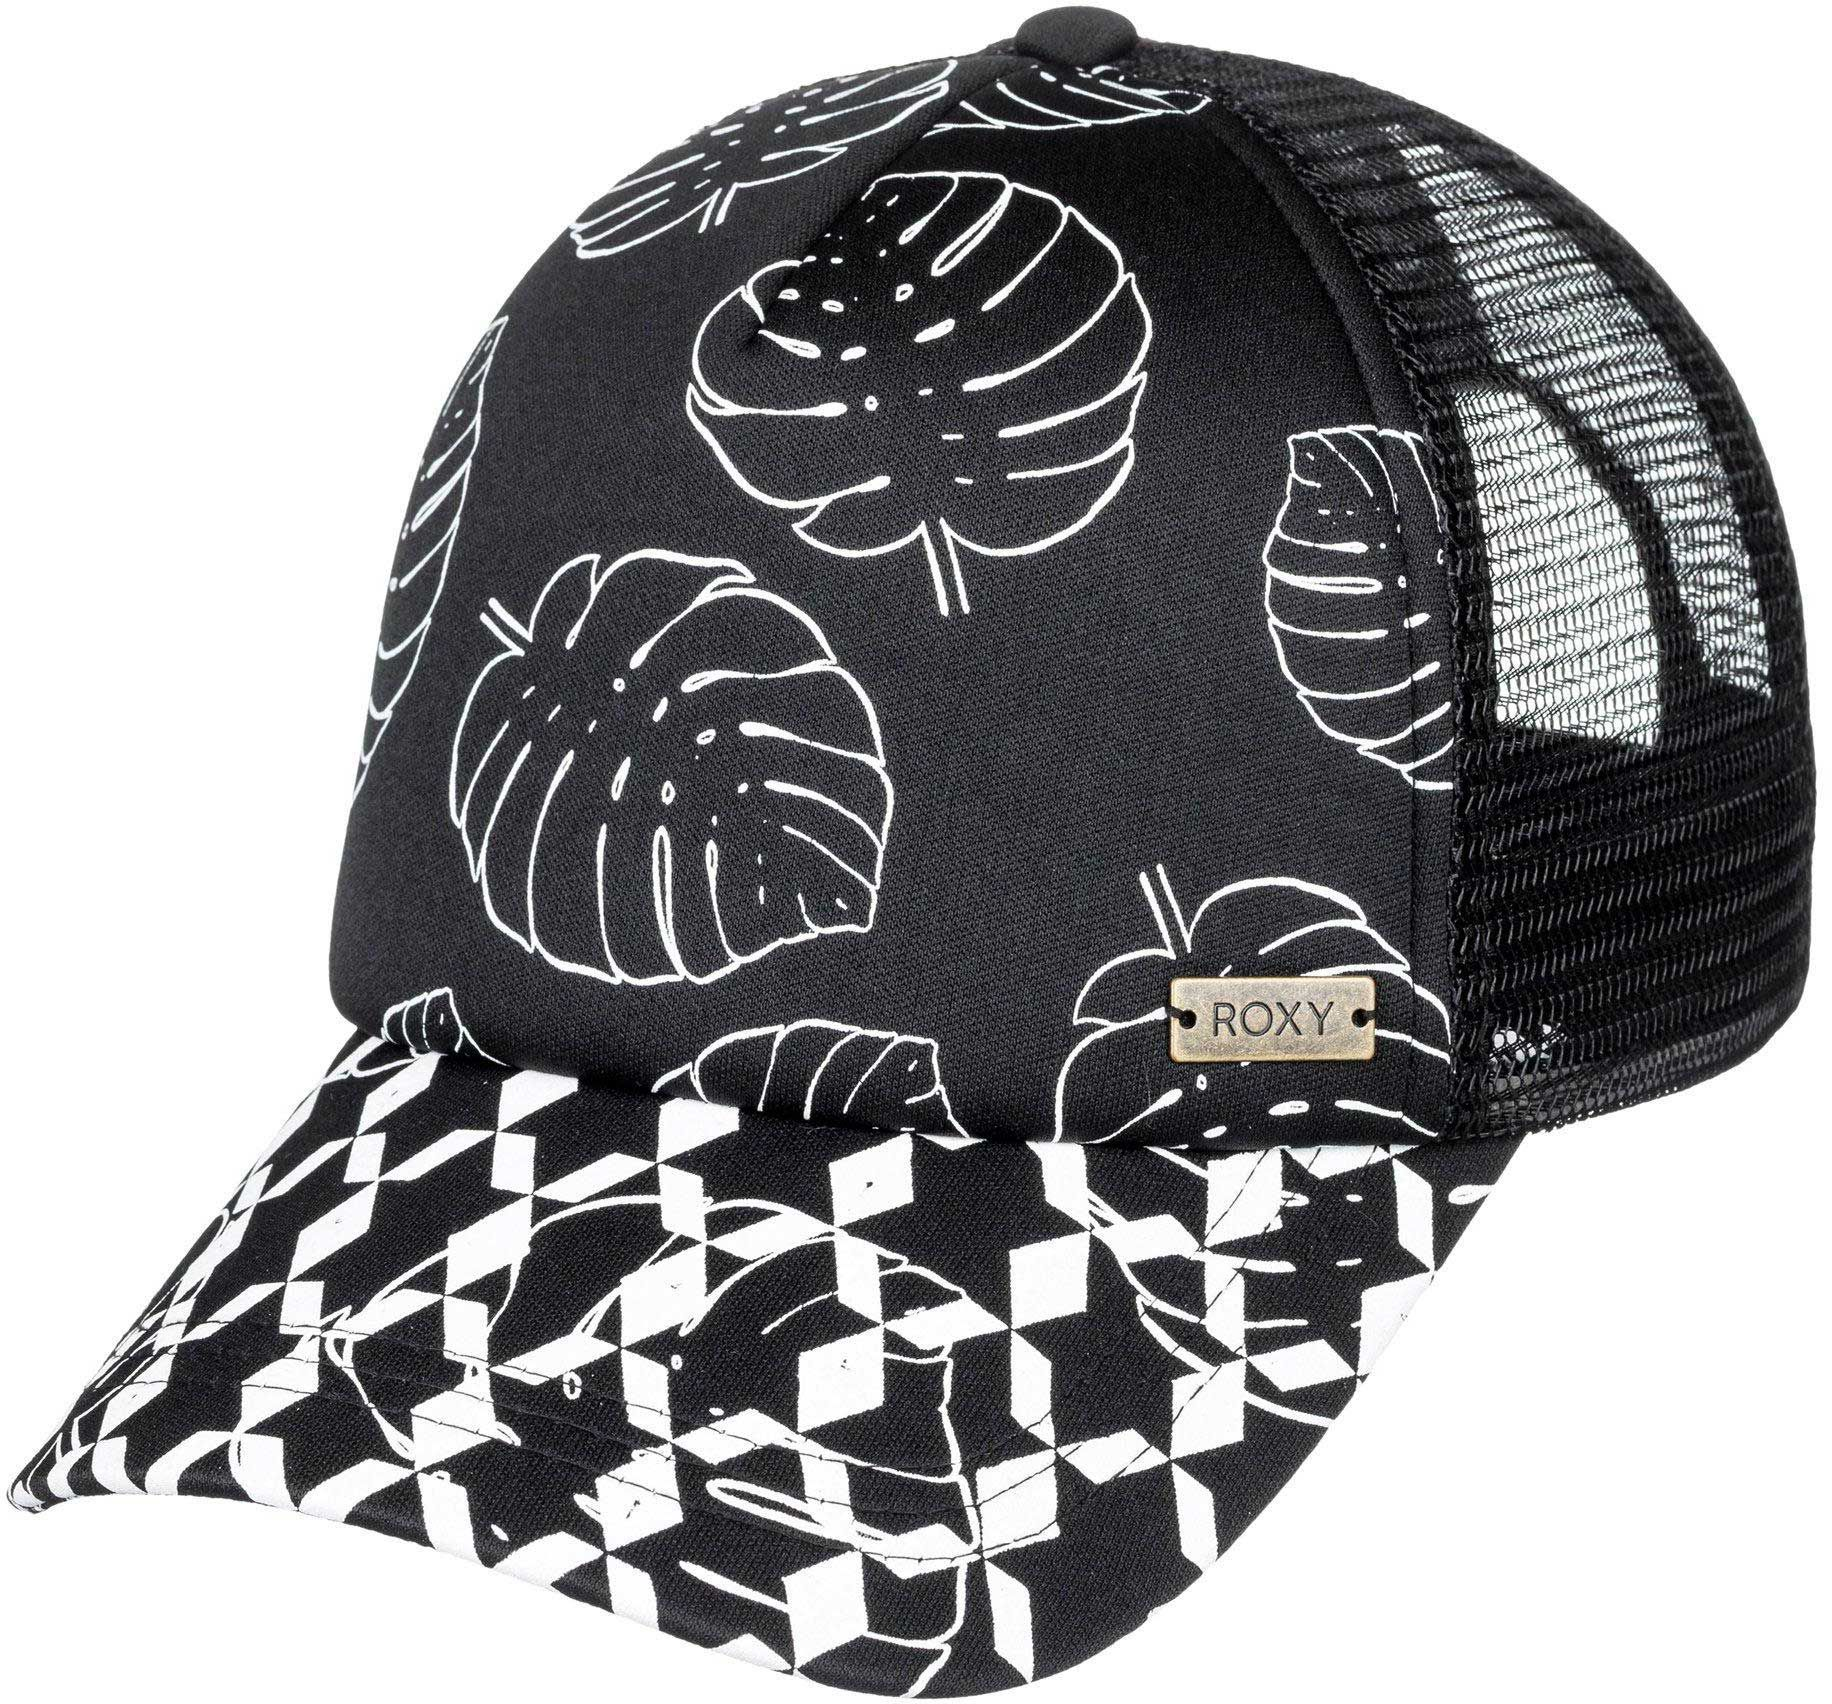 489c3d19 Roxy Women's Waves Machine Trucker Hat in 2019 | Products | Hats ...